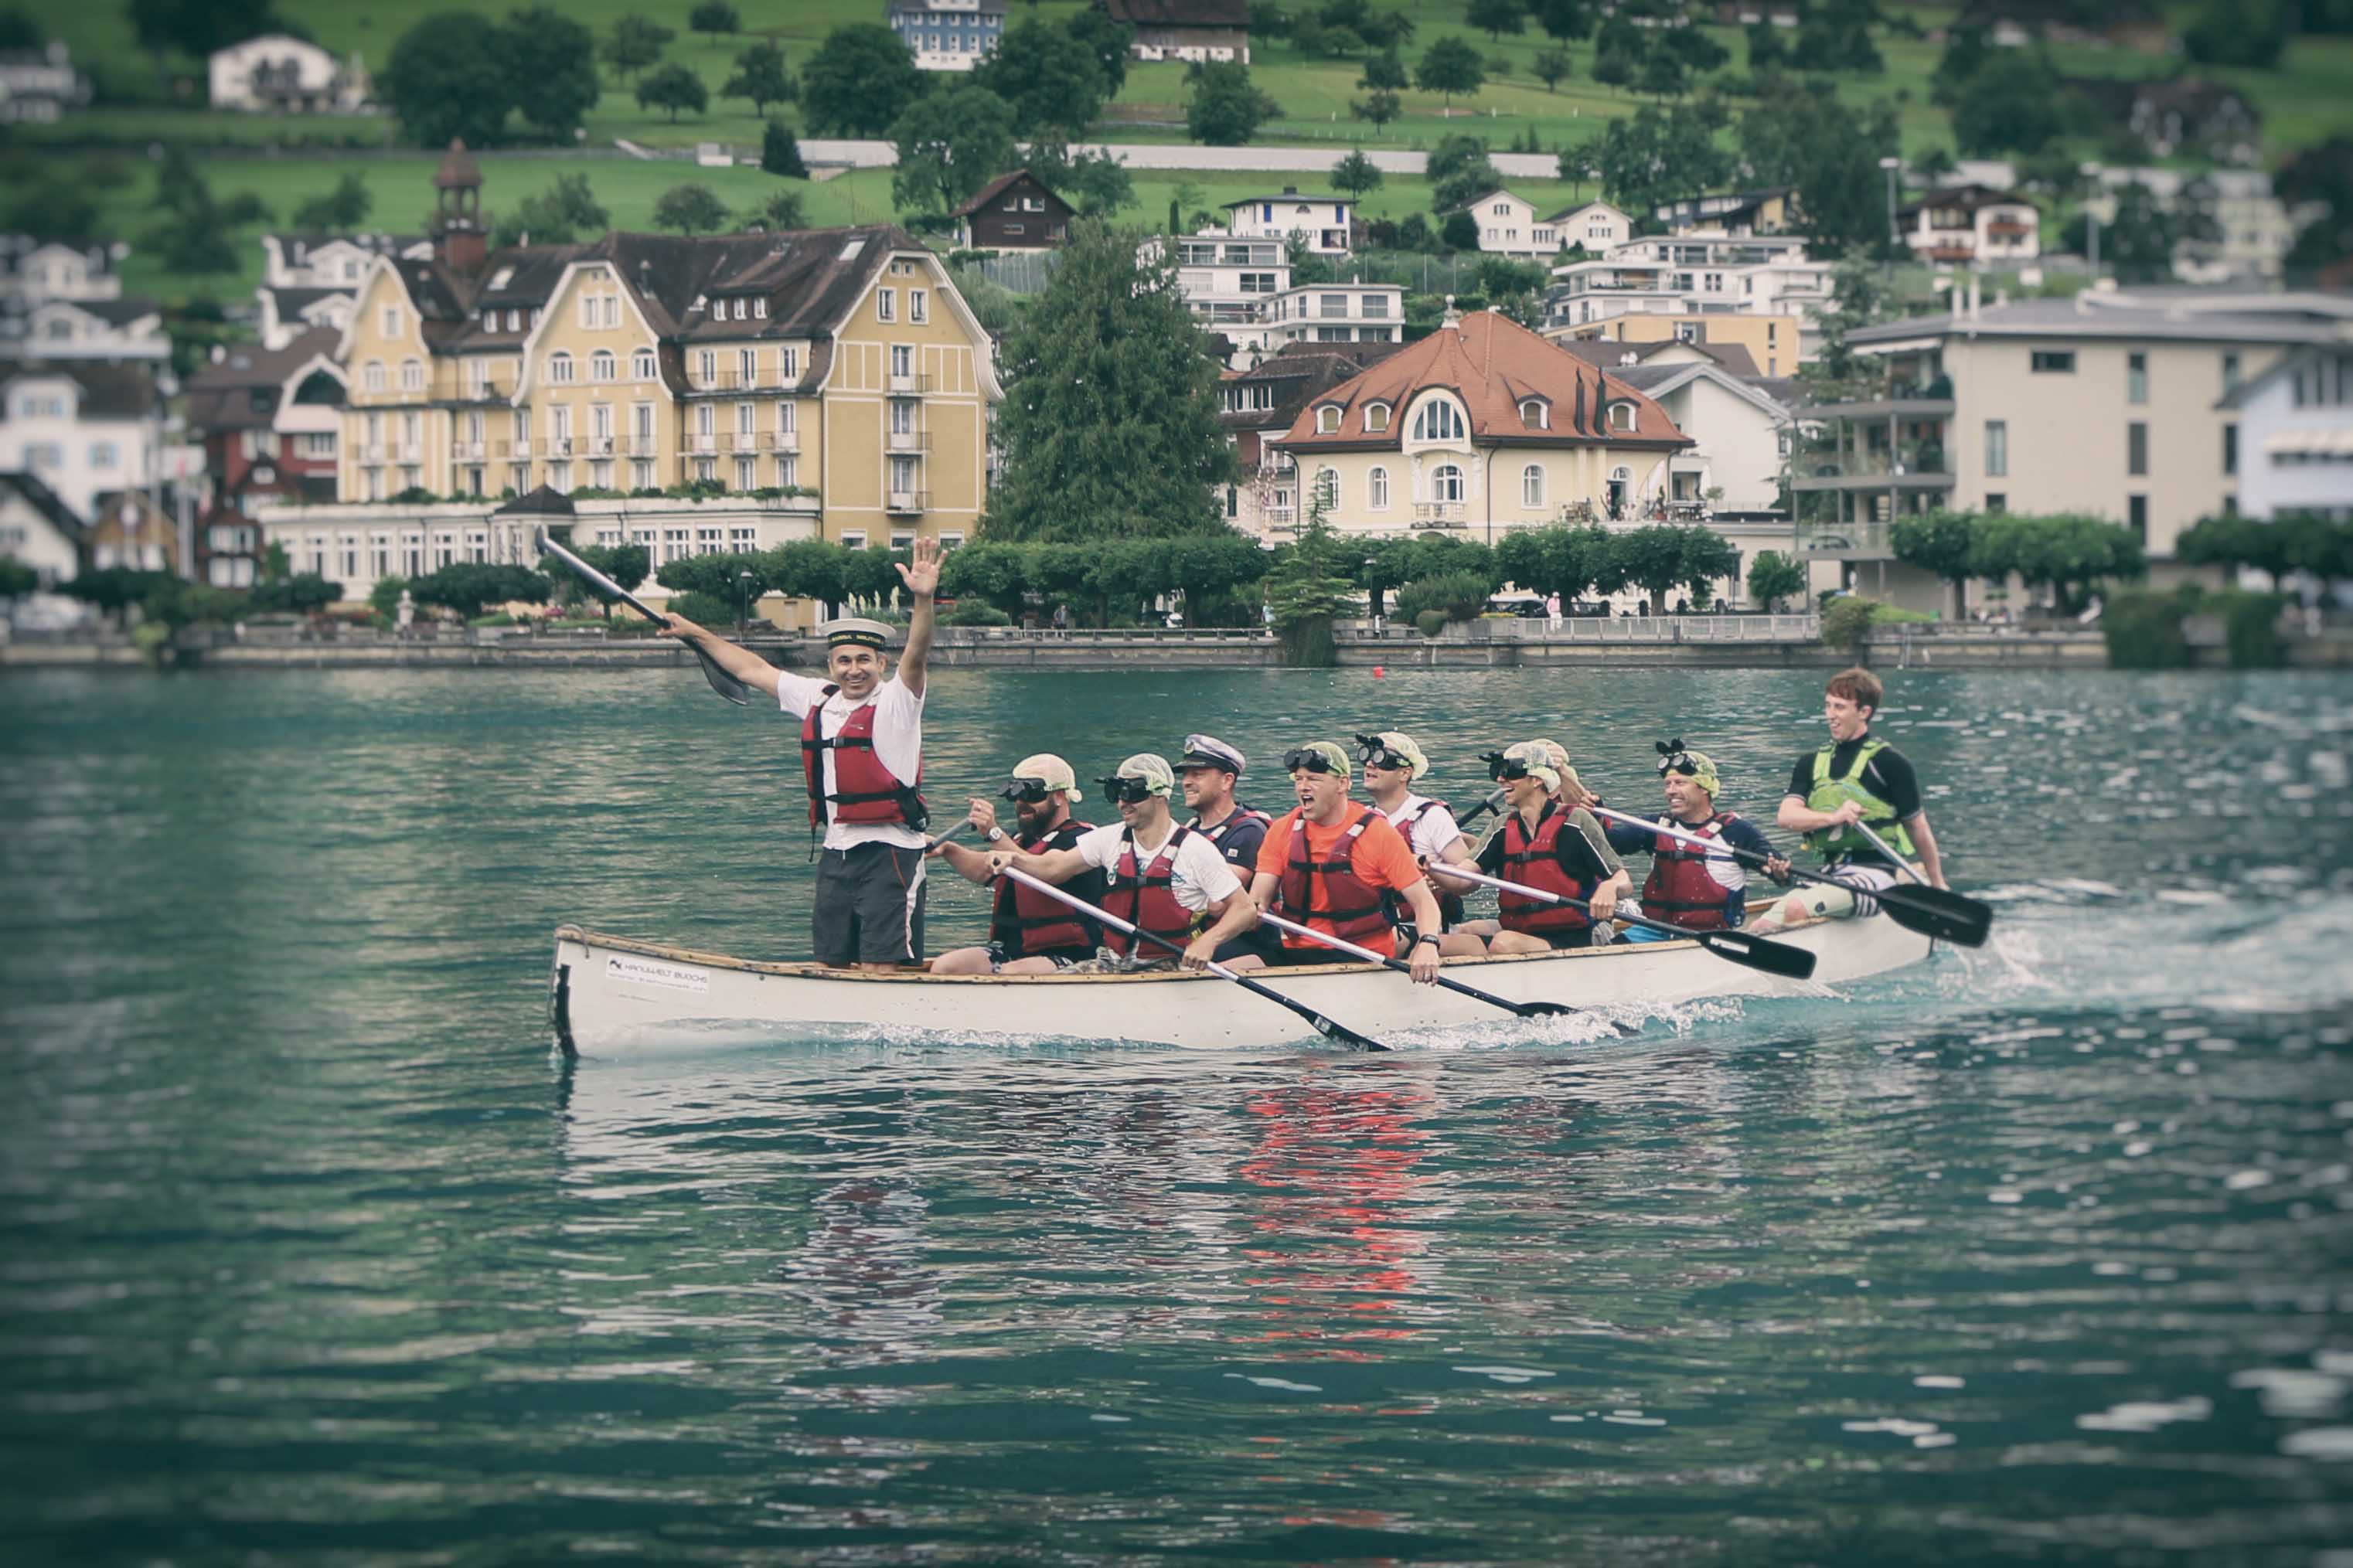 Aawasseregg-Cup, Summerfäscht Buochs, Sommerfest